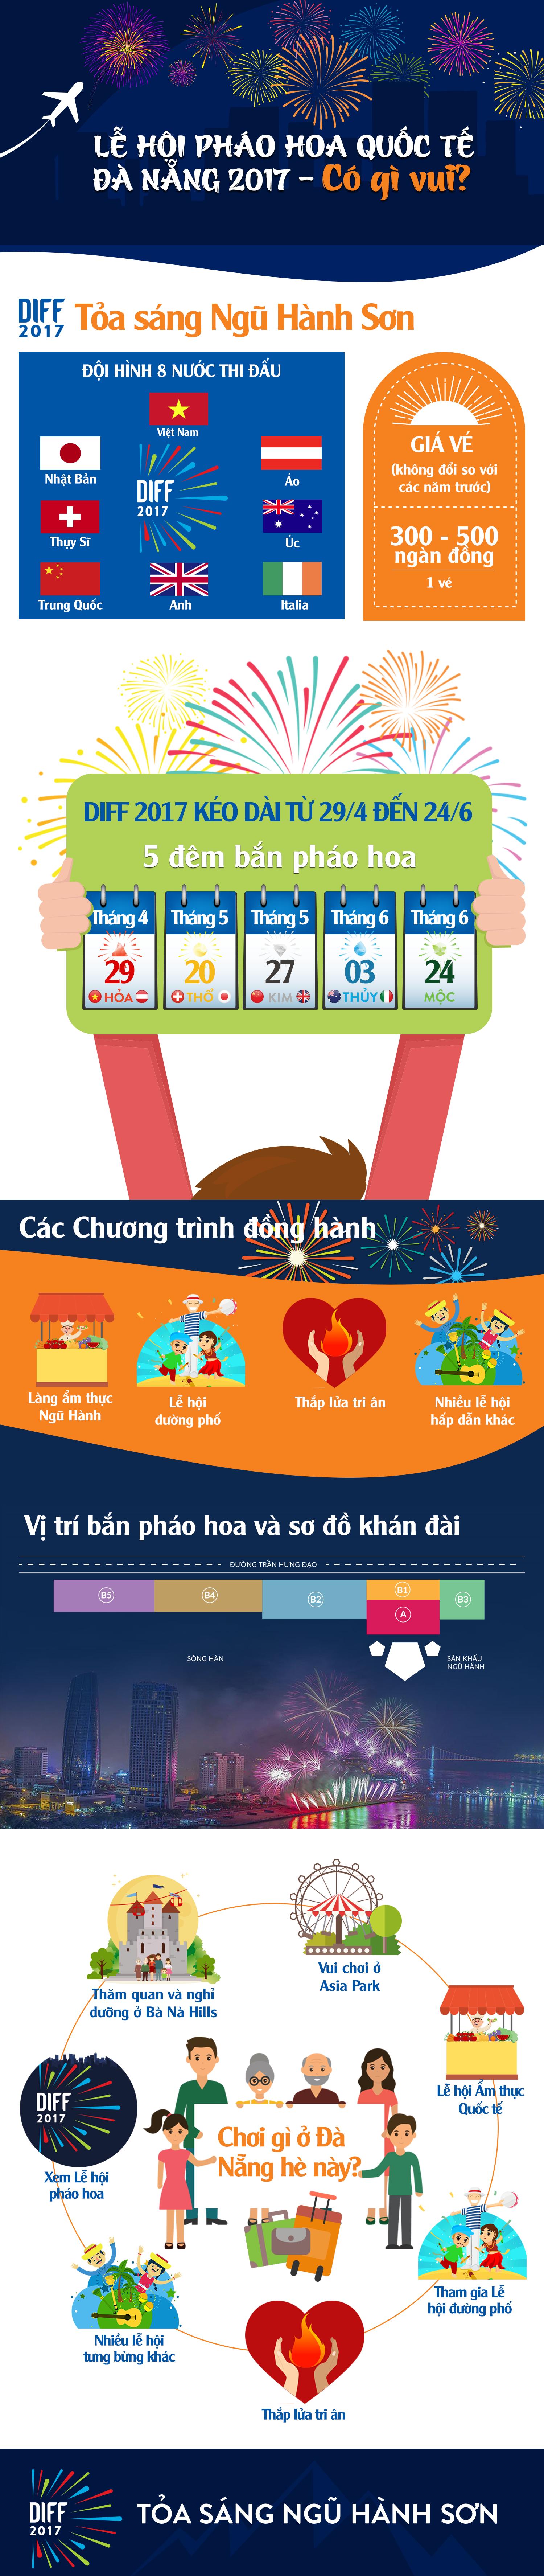 Bỏ túi những địa điểm ăn chơi hấp dẫn trong mùa lễ hội pháo hoa Đà Nẵng 2017